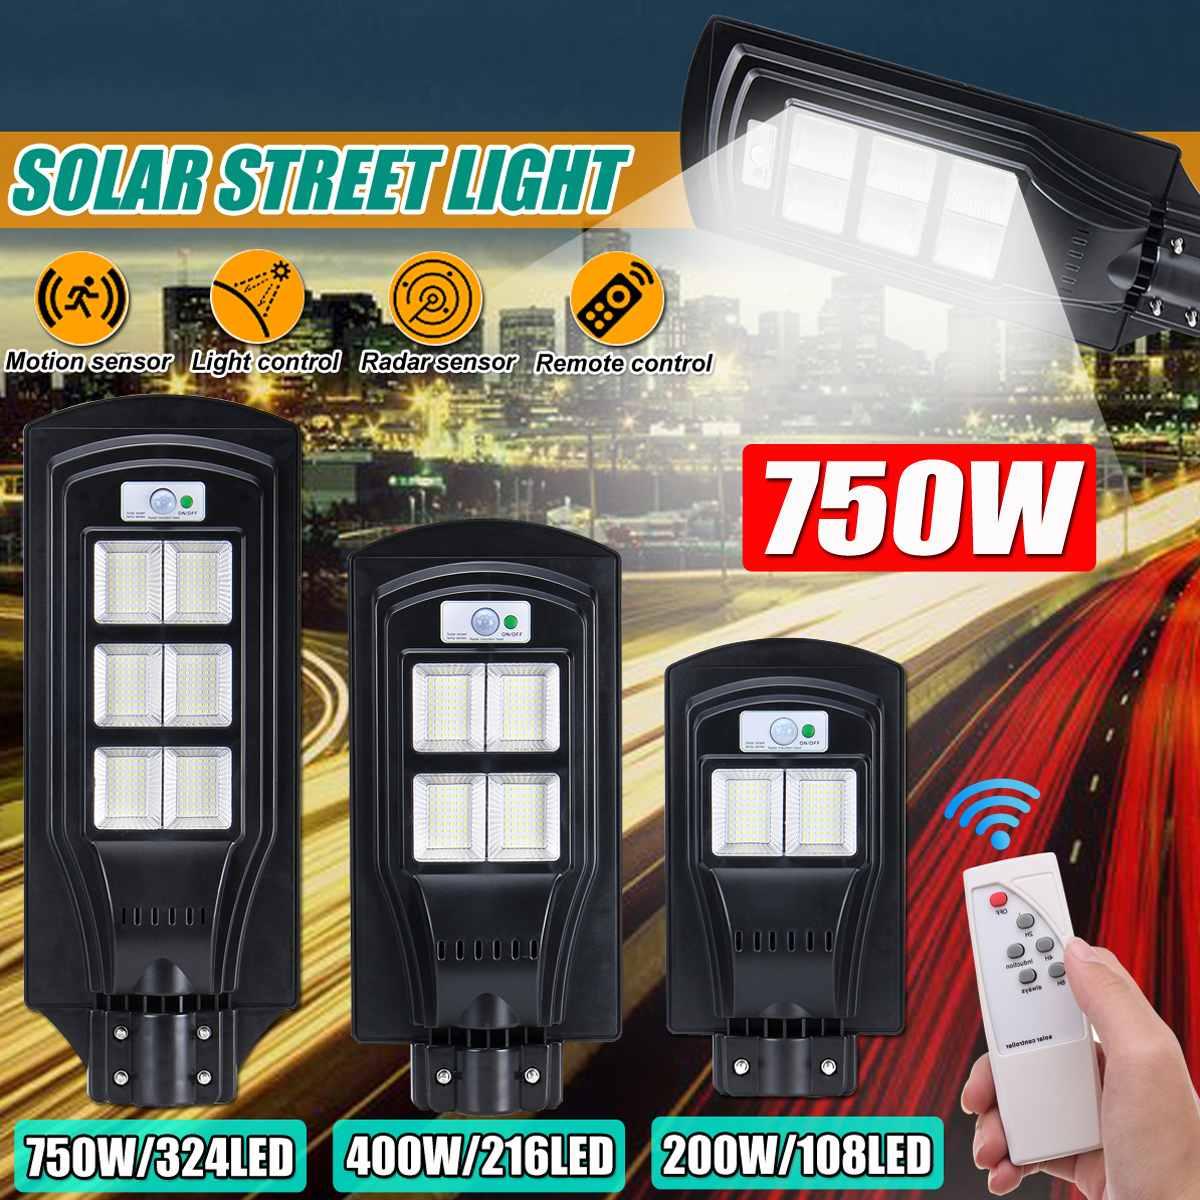 Nouveau lampadaire solaire LED éclairage extérieur étanche 200 W/400 W/750 W Rador-Motion applique murale avec RC pour Garden Yard Plaza